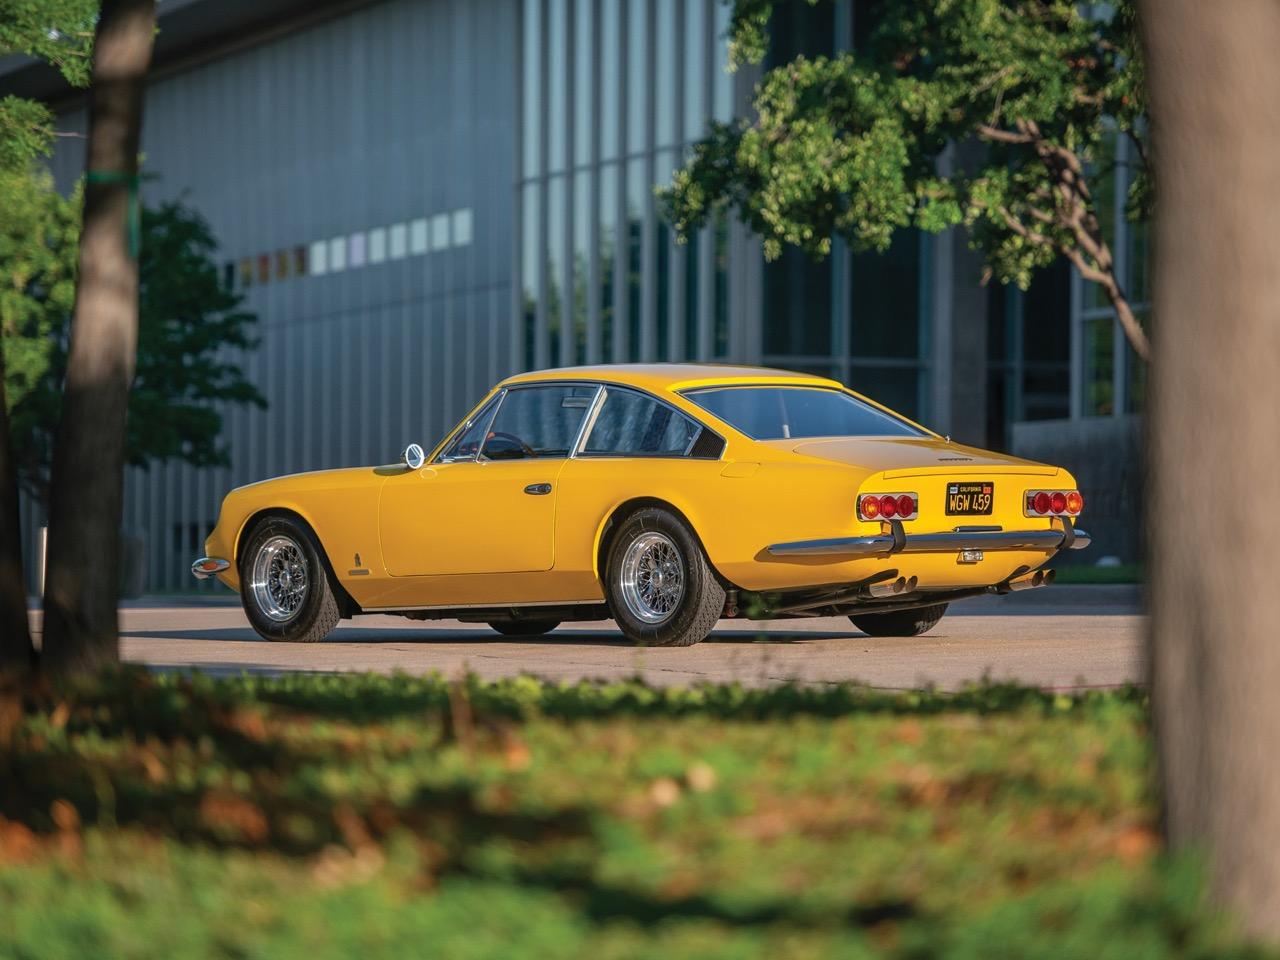 '68 Ferrari 365 GT 2+2 - Le charme des familiales ! 66